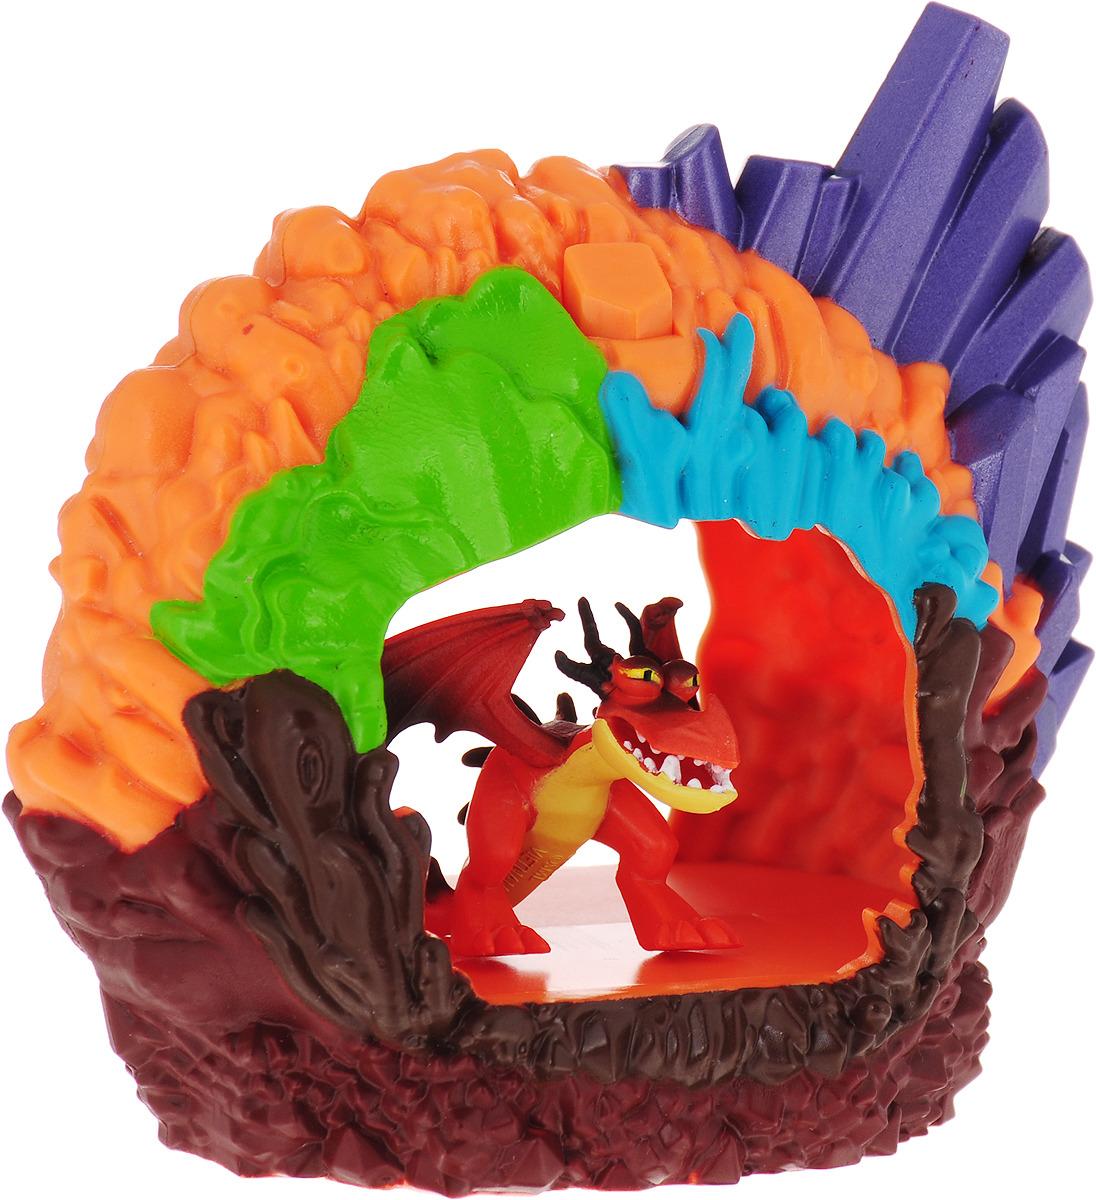 Фигурка Dragons Collectible Логово драконов Кривоклык, 6045086_20103614 цена